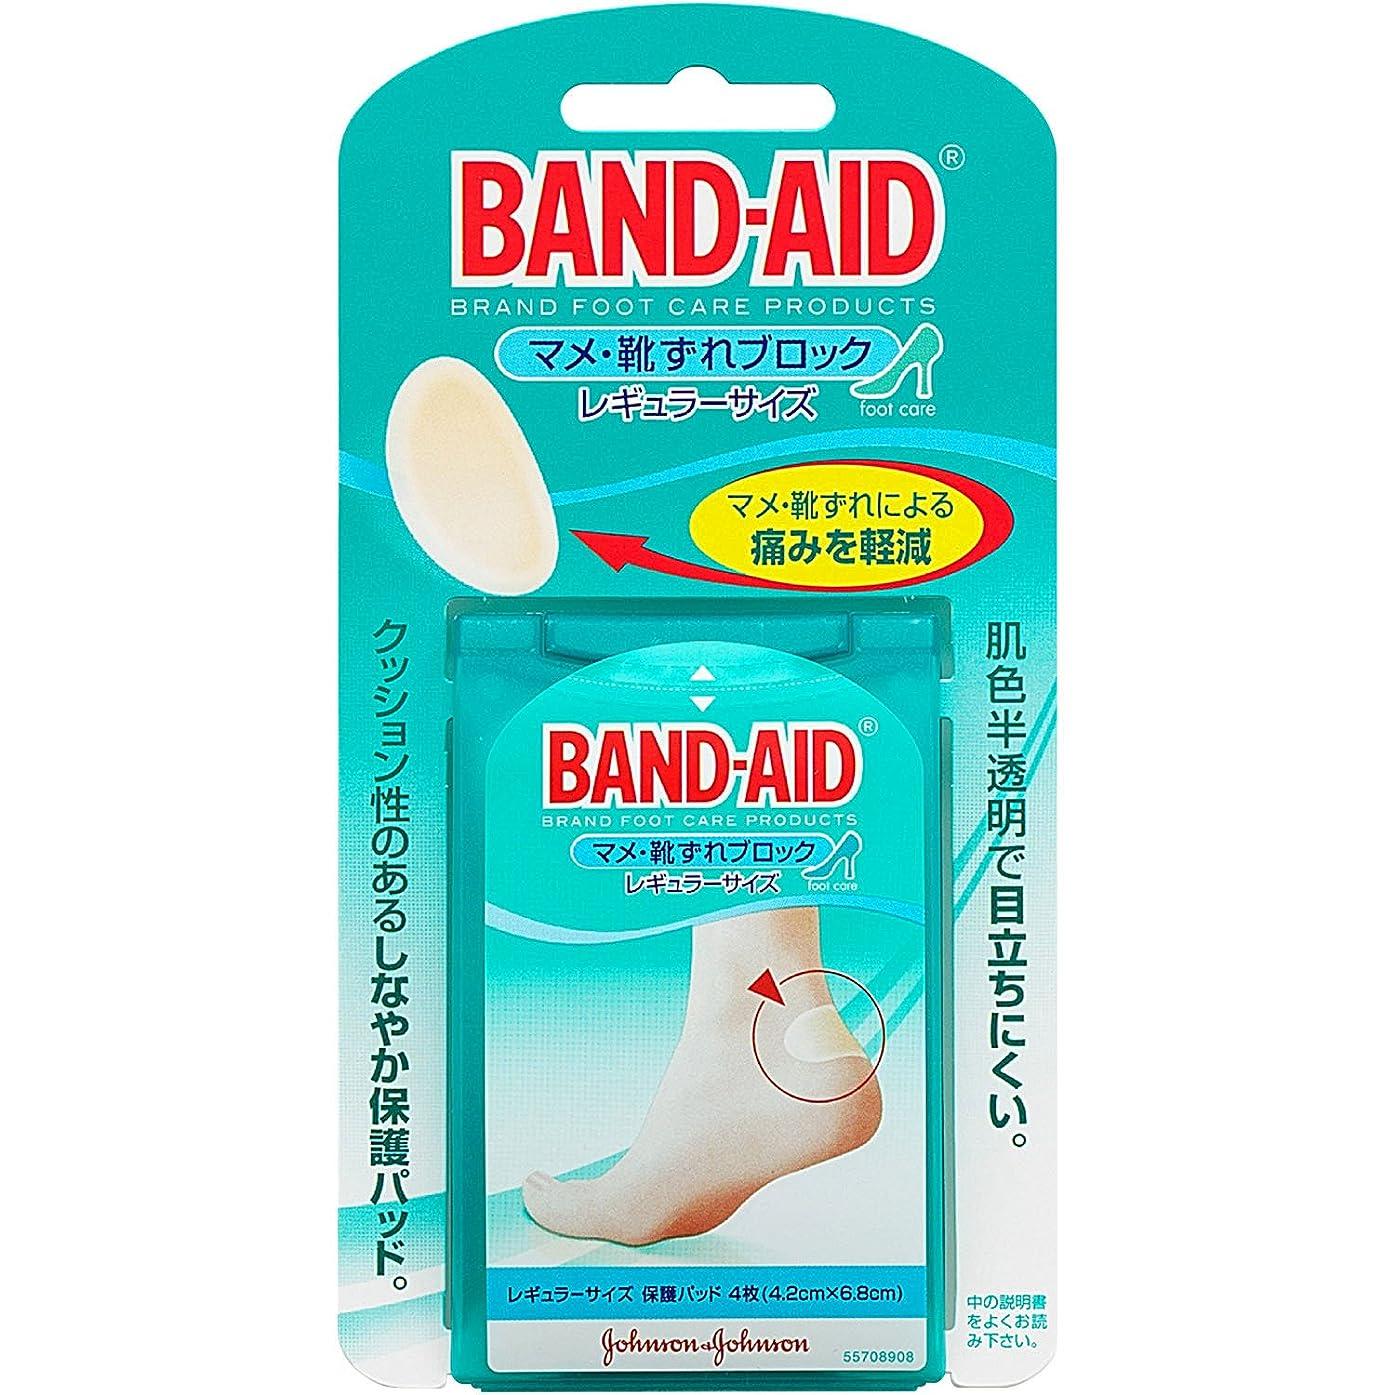 汗アンプ複雑BAND-AID(バンドエイド) マメ?靴ずれブロック レギュラーサイズ 4枚